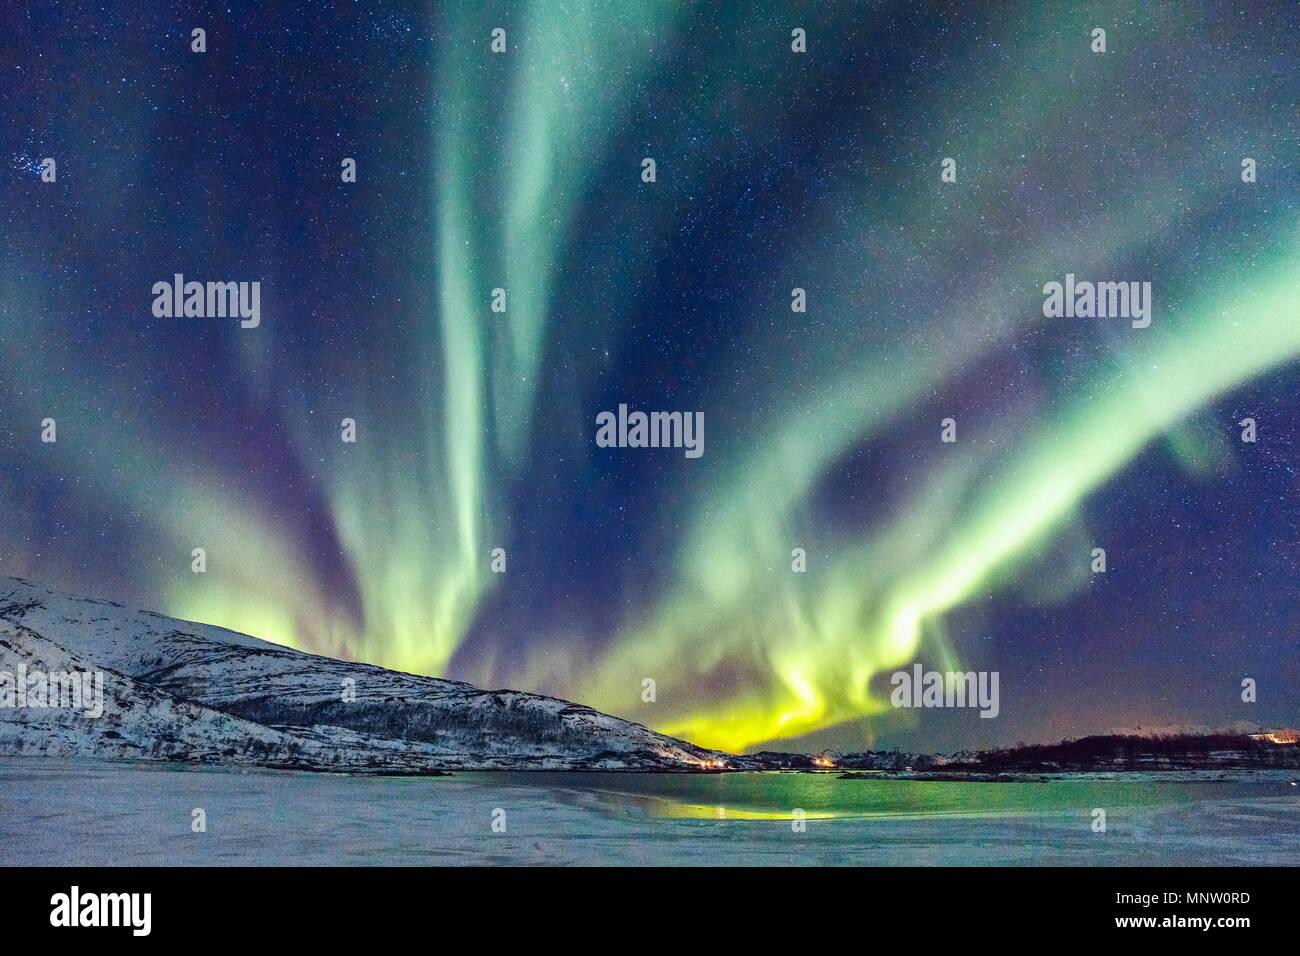 Incredibili luci del nord Aurora Boreale attività sopra la costa della Norvegia Foto Stock